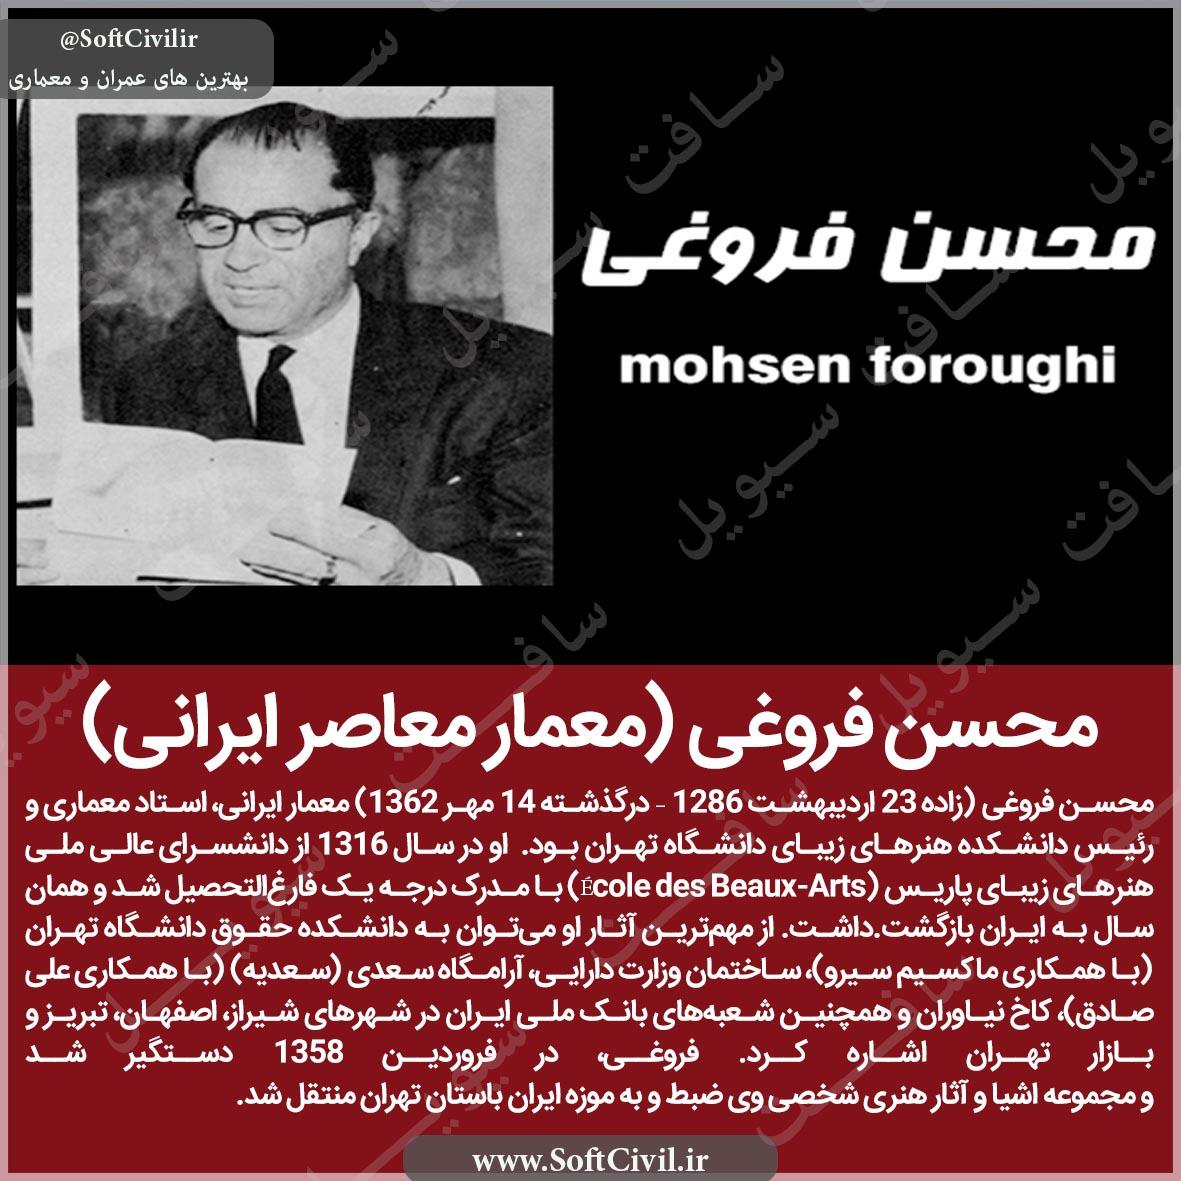 محسن فروغی (معمار معاصر ایرانی)